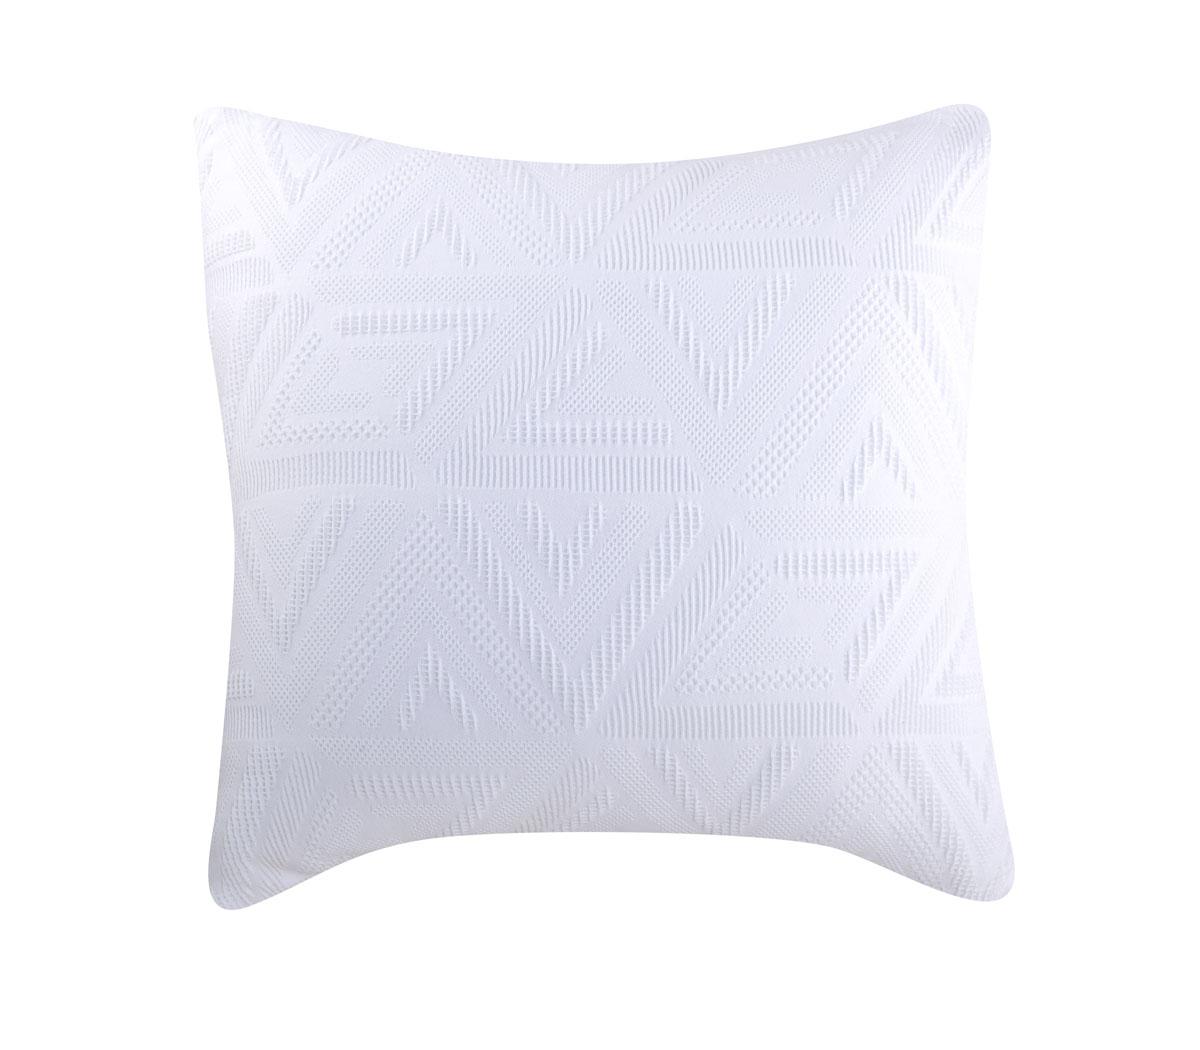 το μαξιλάρι της σειράς elements